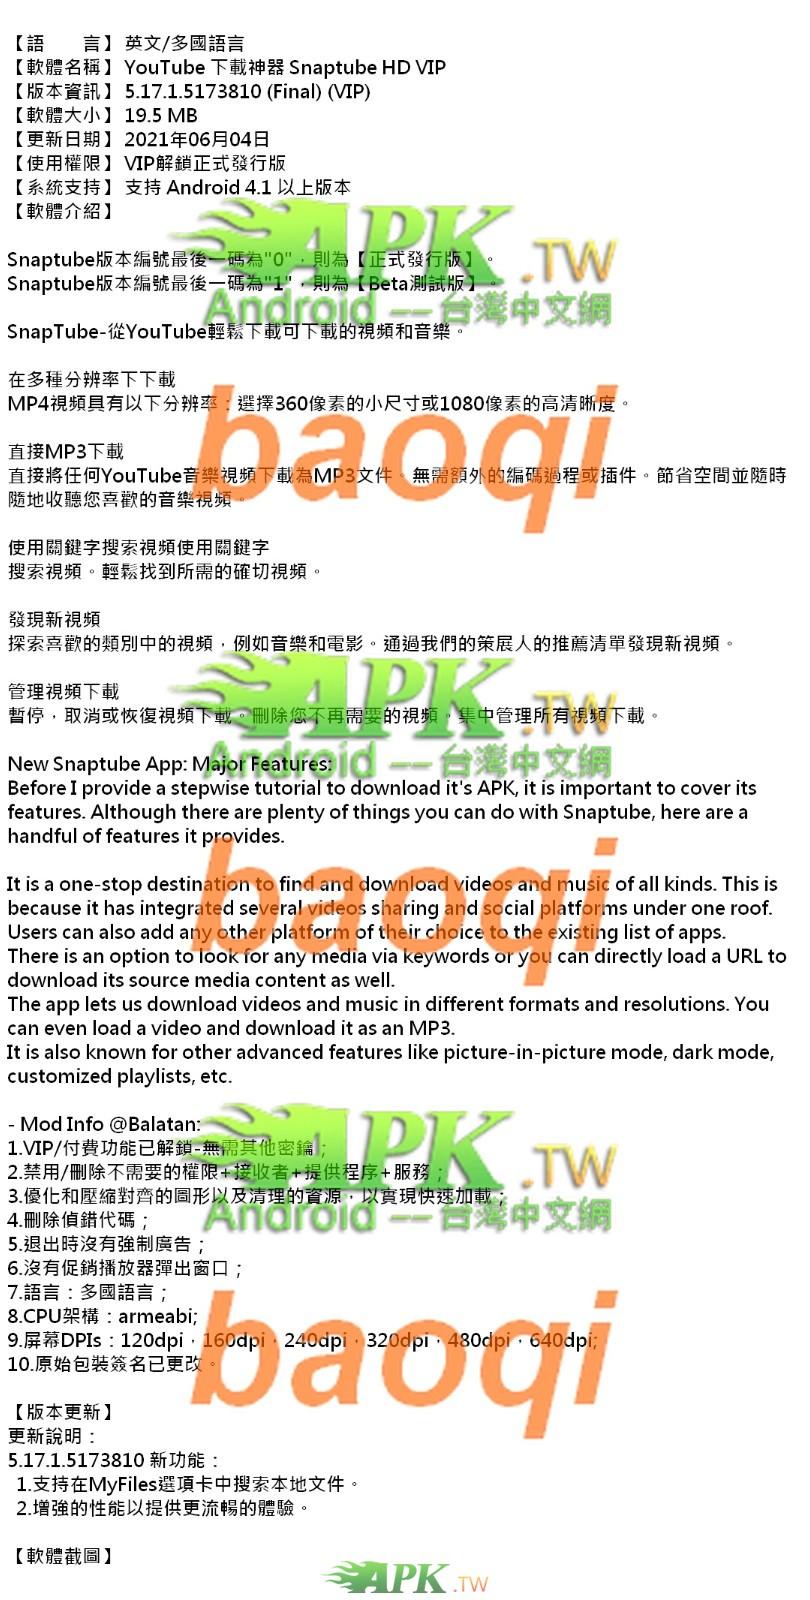 Snaptube_VIP_5.17.0.5173810 APK_.jpg